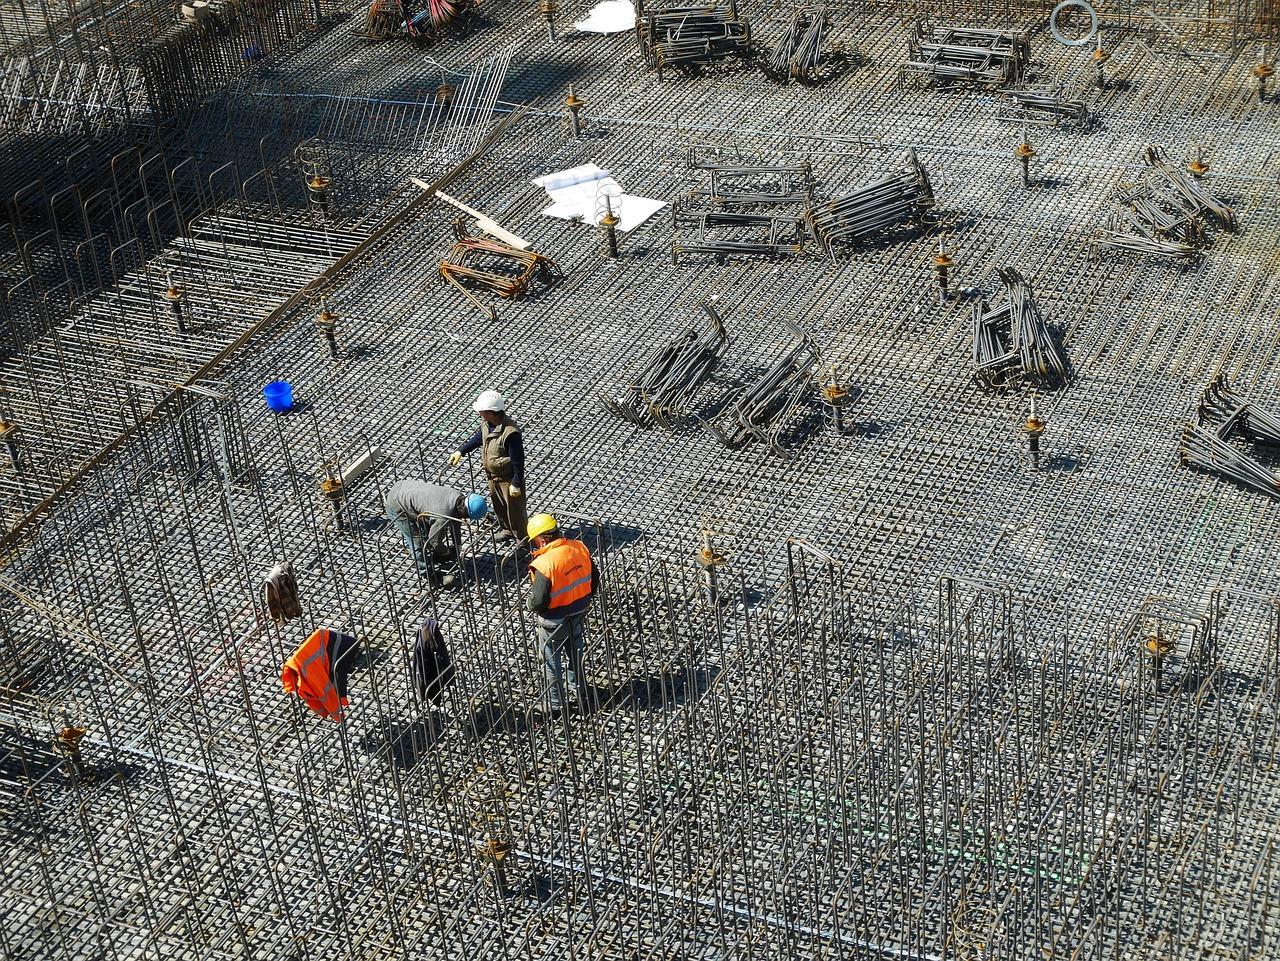 השכרת מדפסות לחברות בנייה